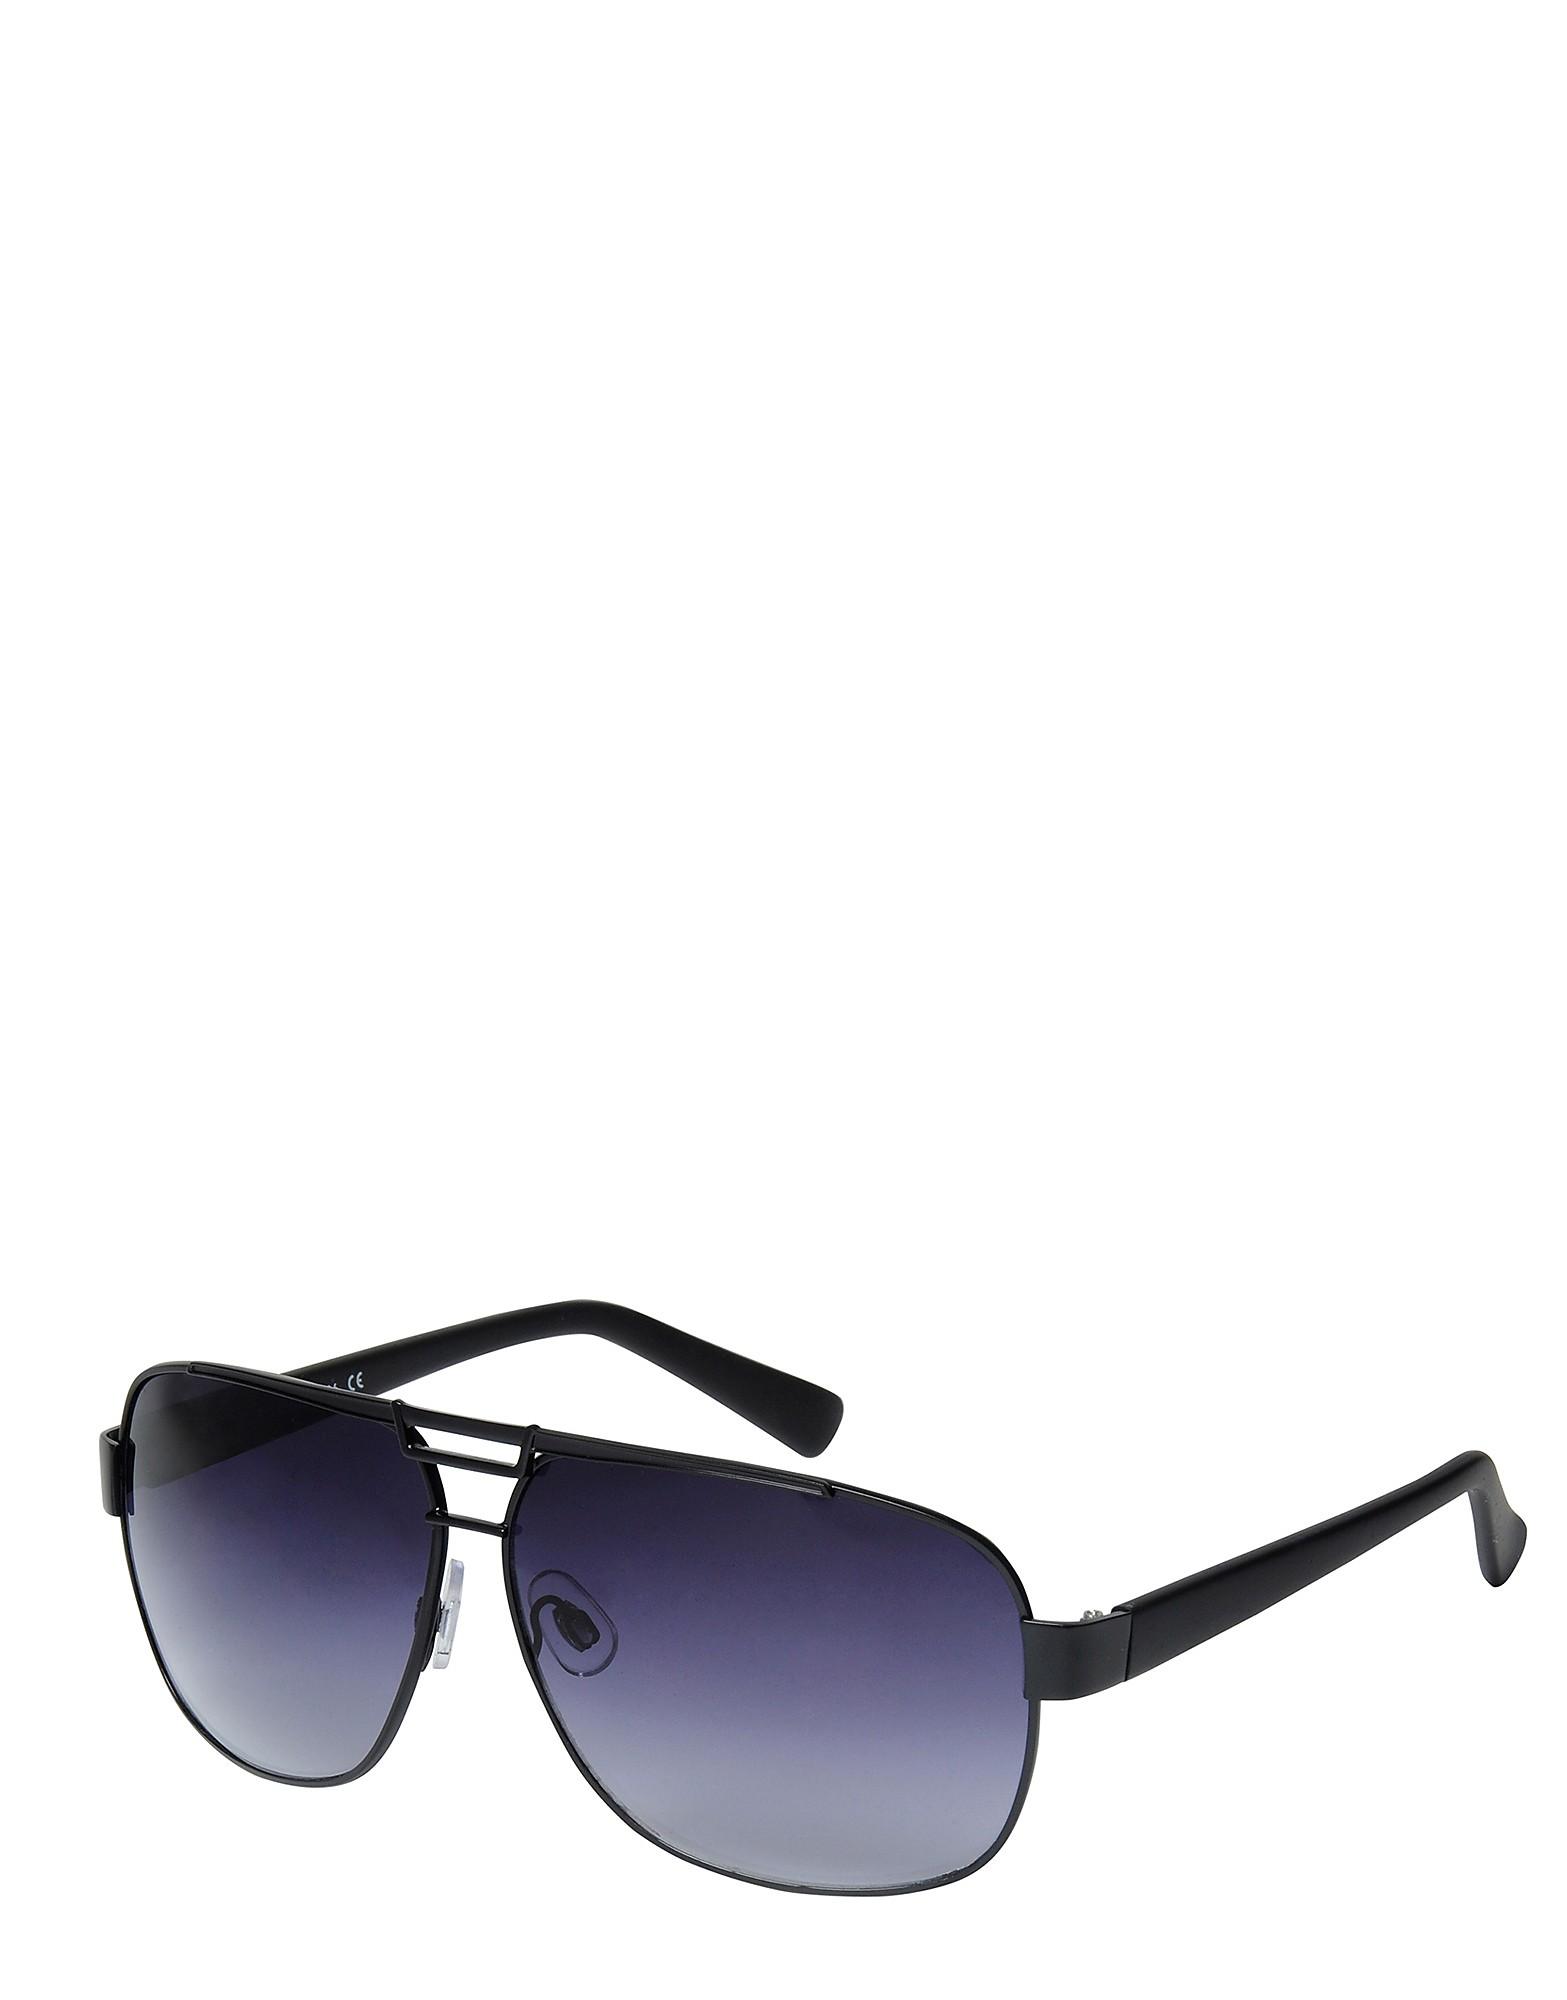 Brookhaven Fredrick Retro Style Sunglasses